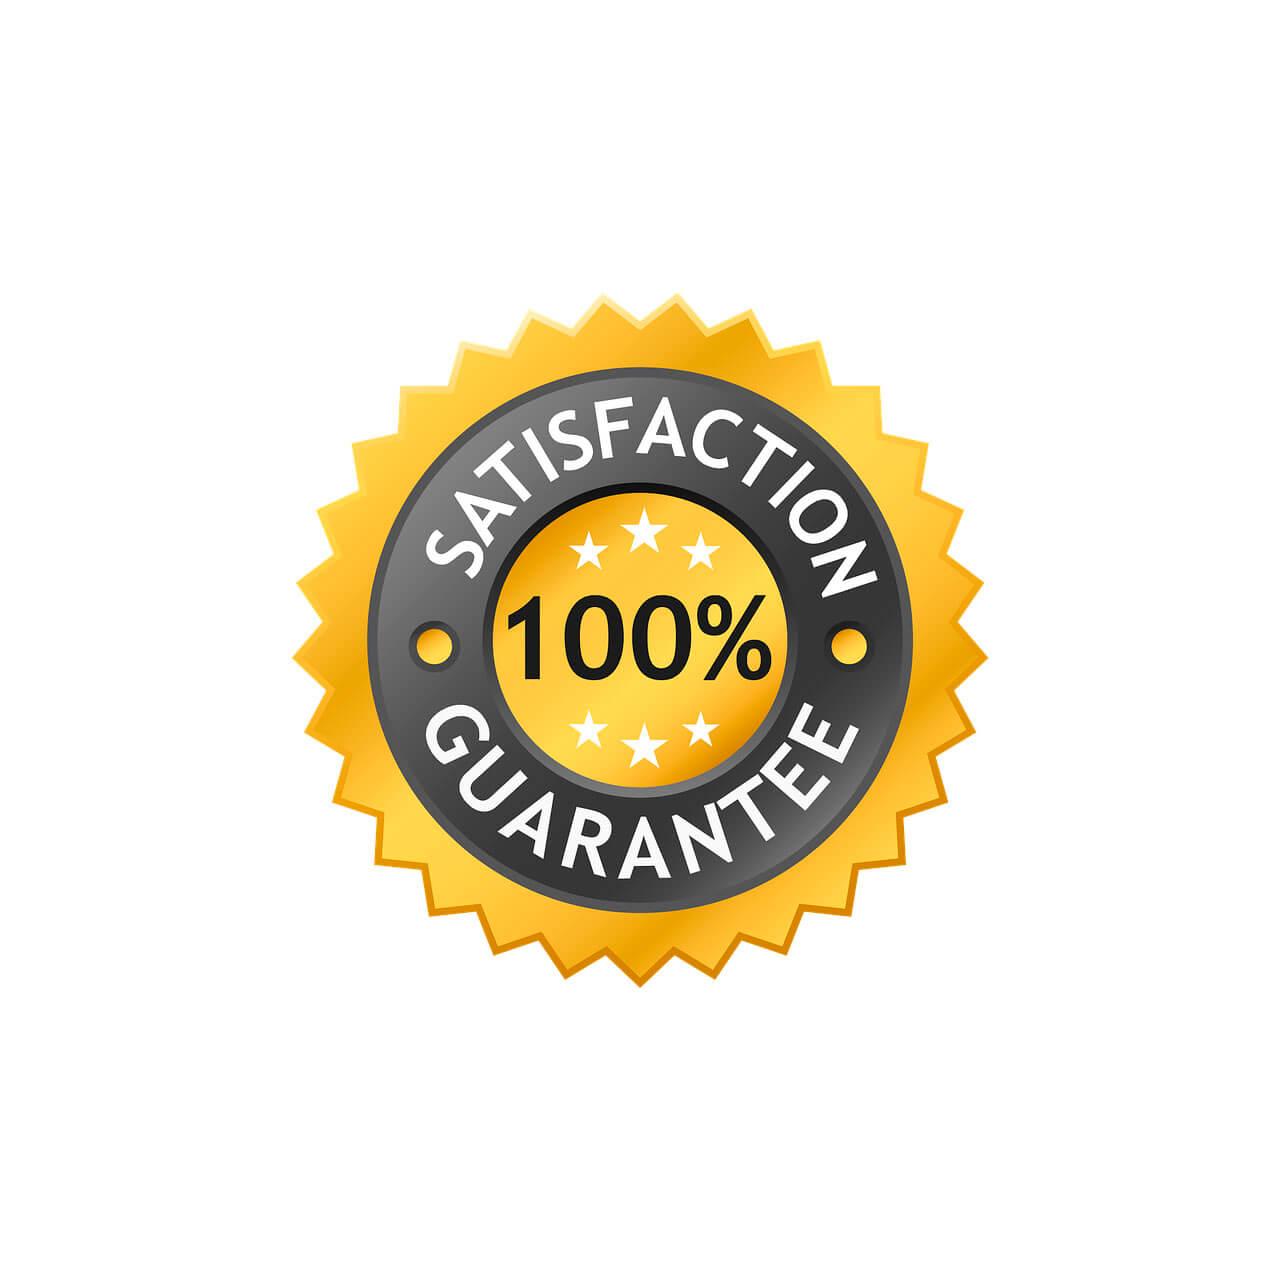 Satisfacción 100% garantizada por puntogar